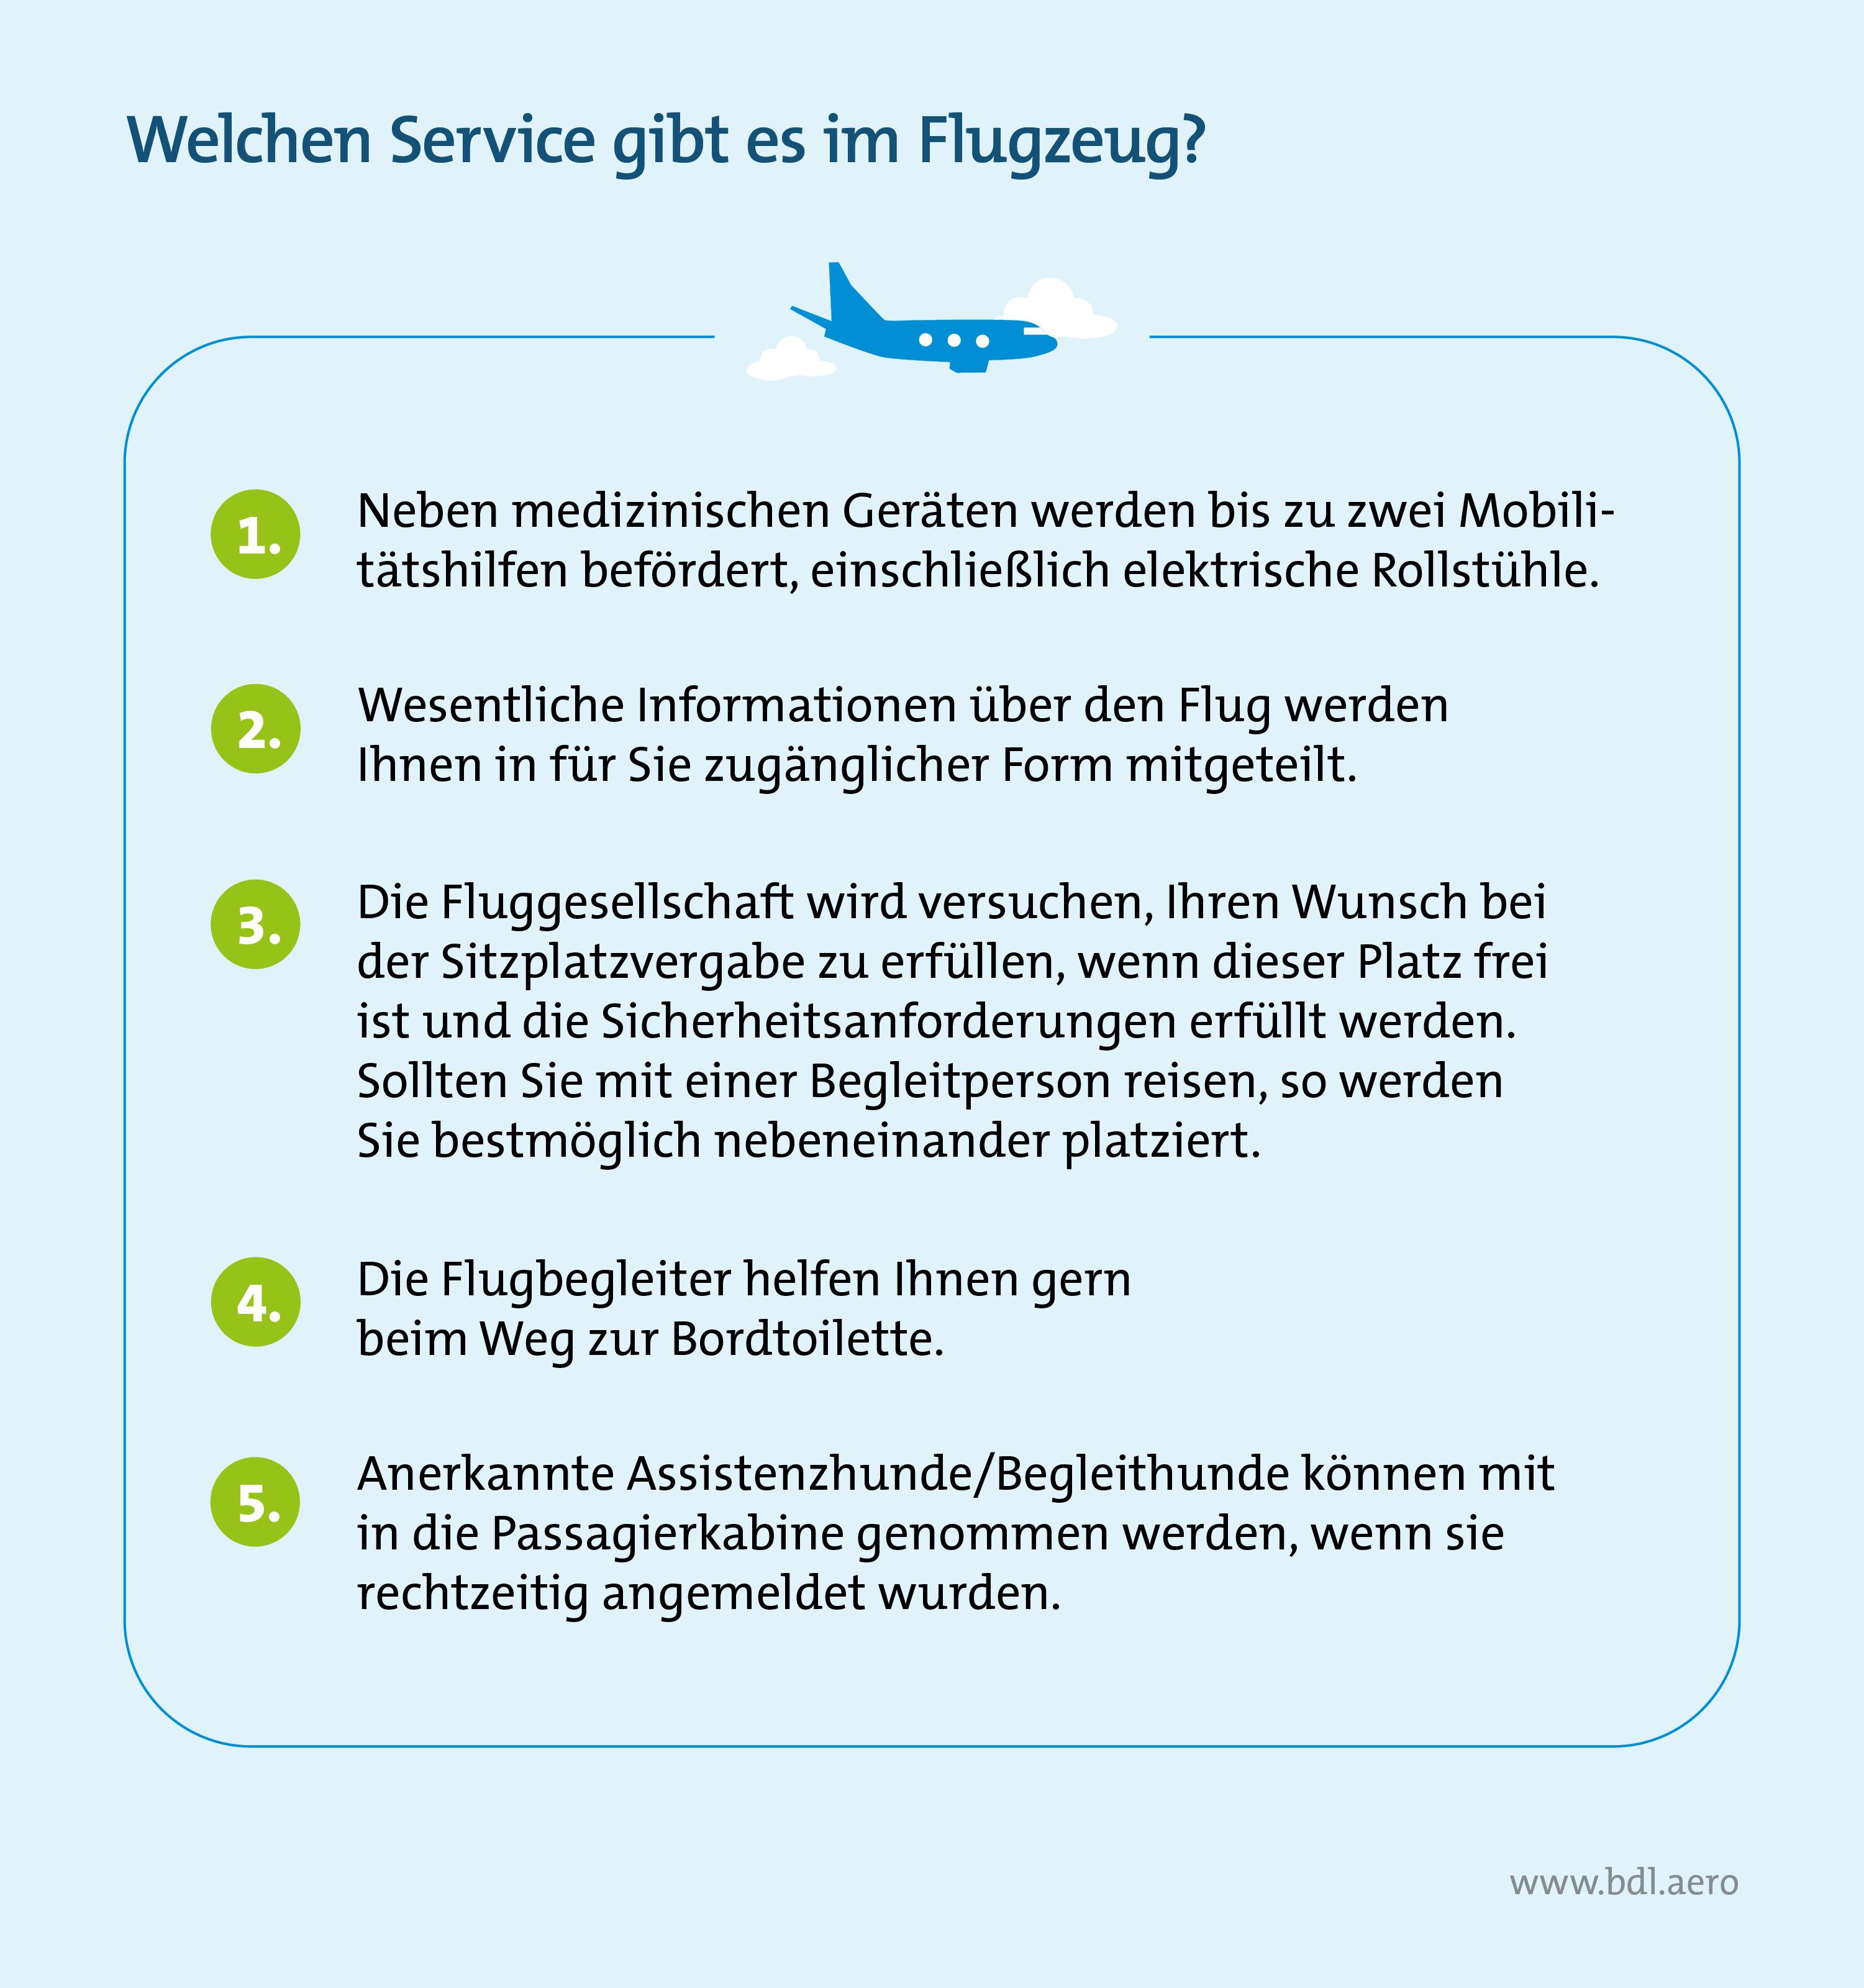 Welchen Service gibt es für PRM-Reisende im Flugzeug?